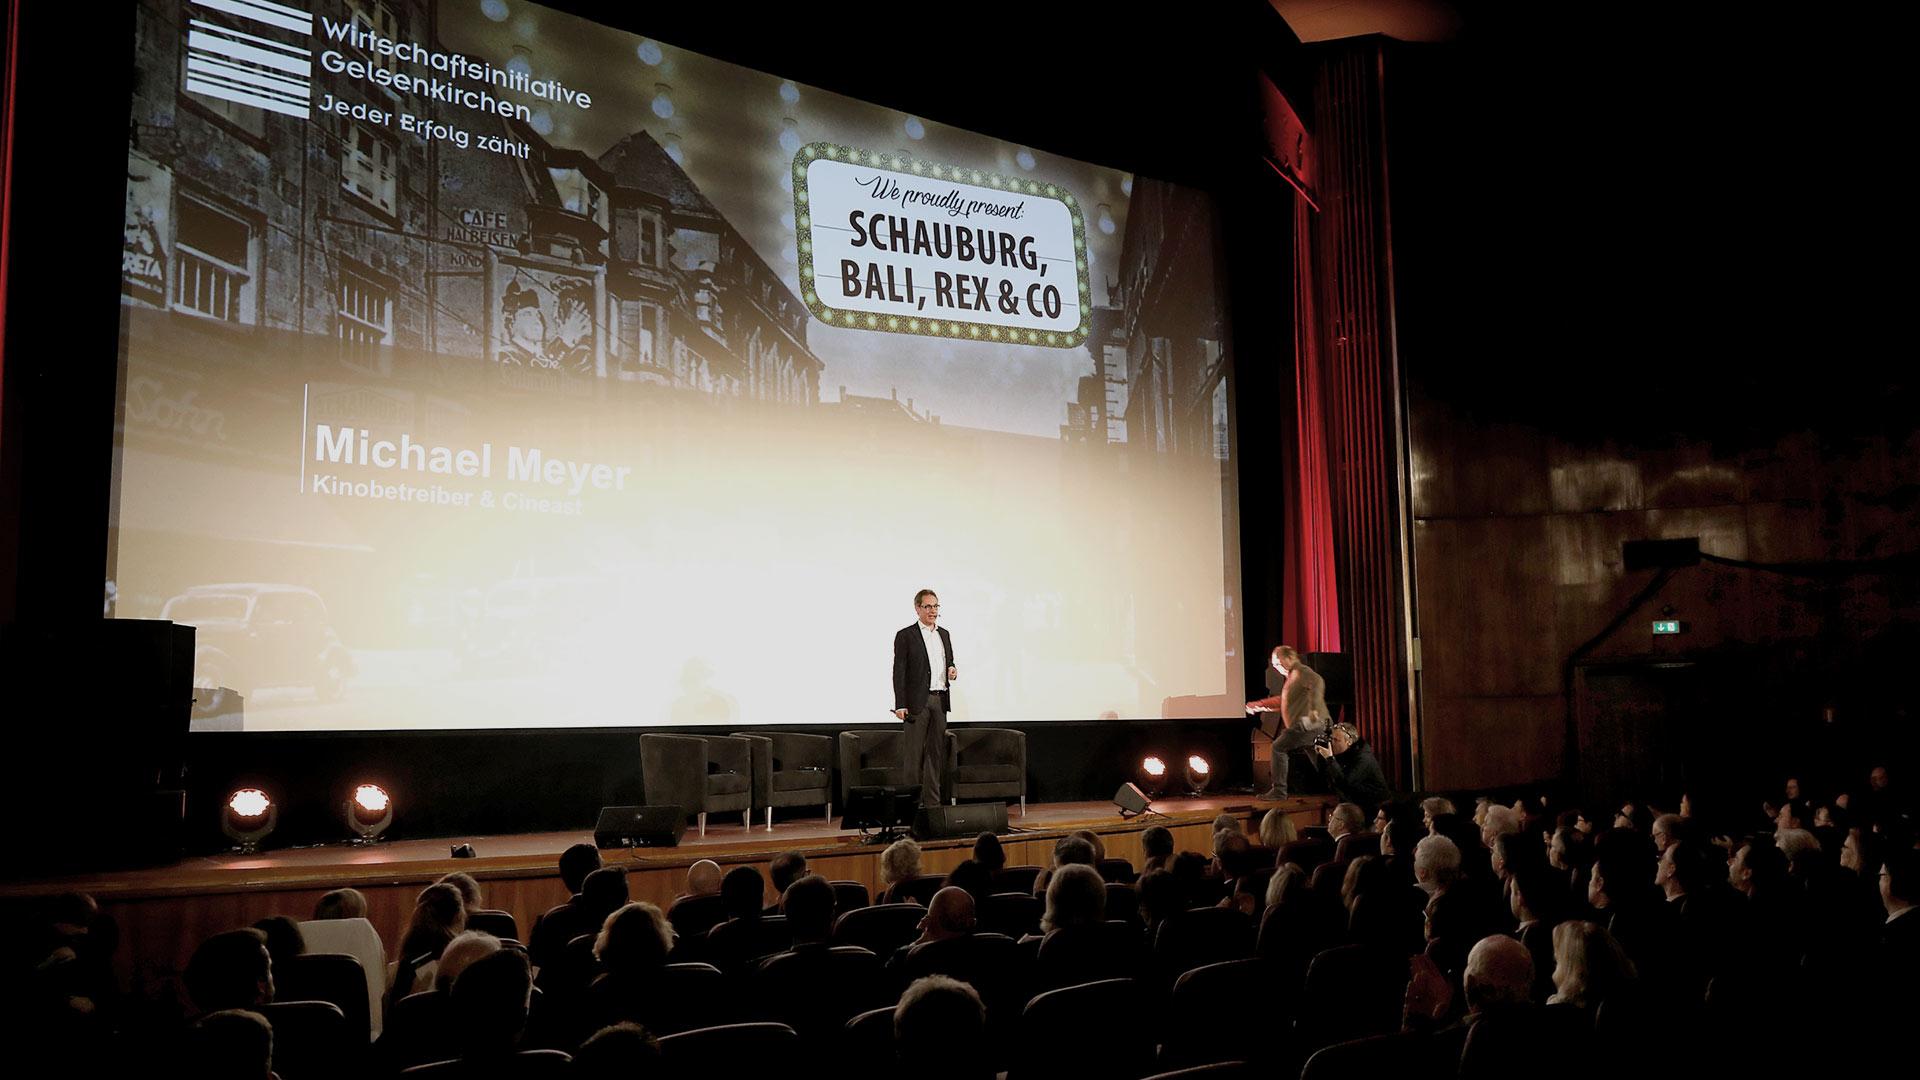 Gala der Wirtschaftsinitiative Gelsenkirchen